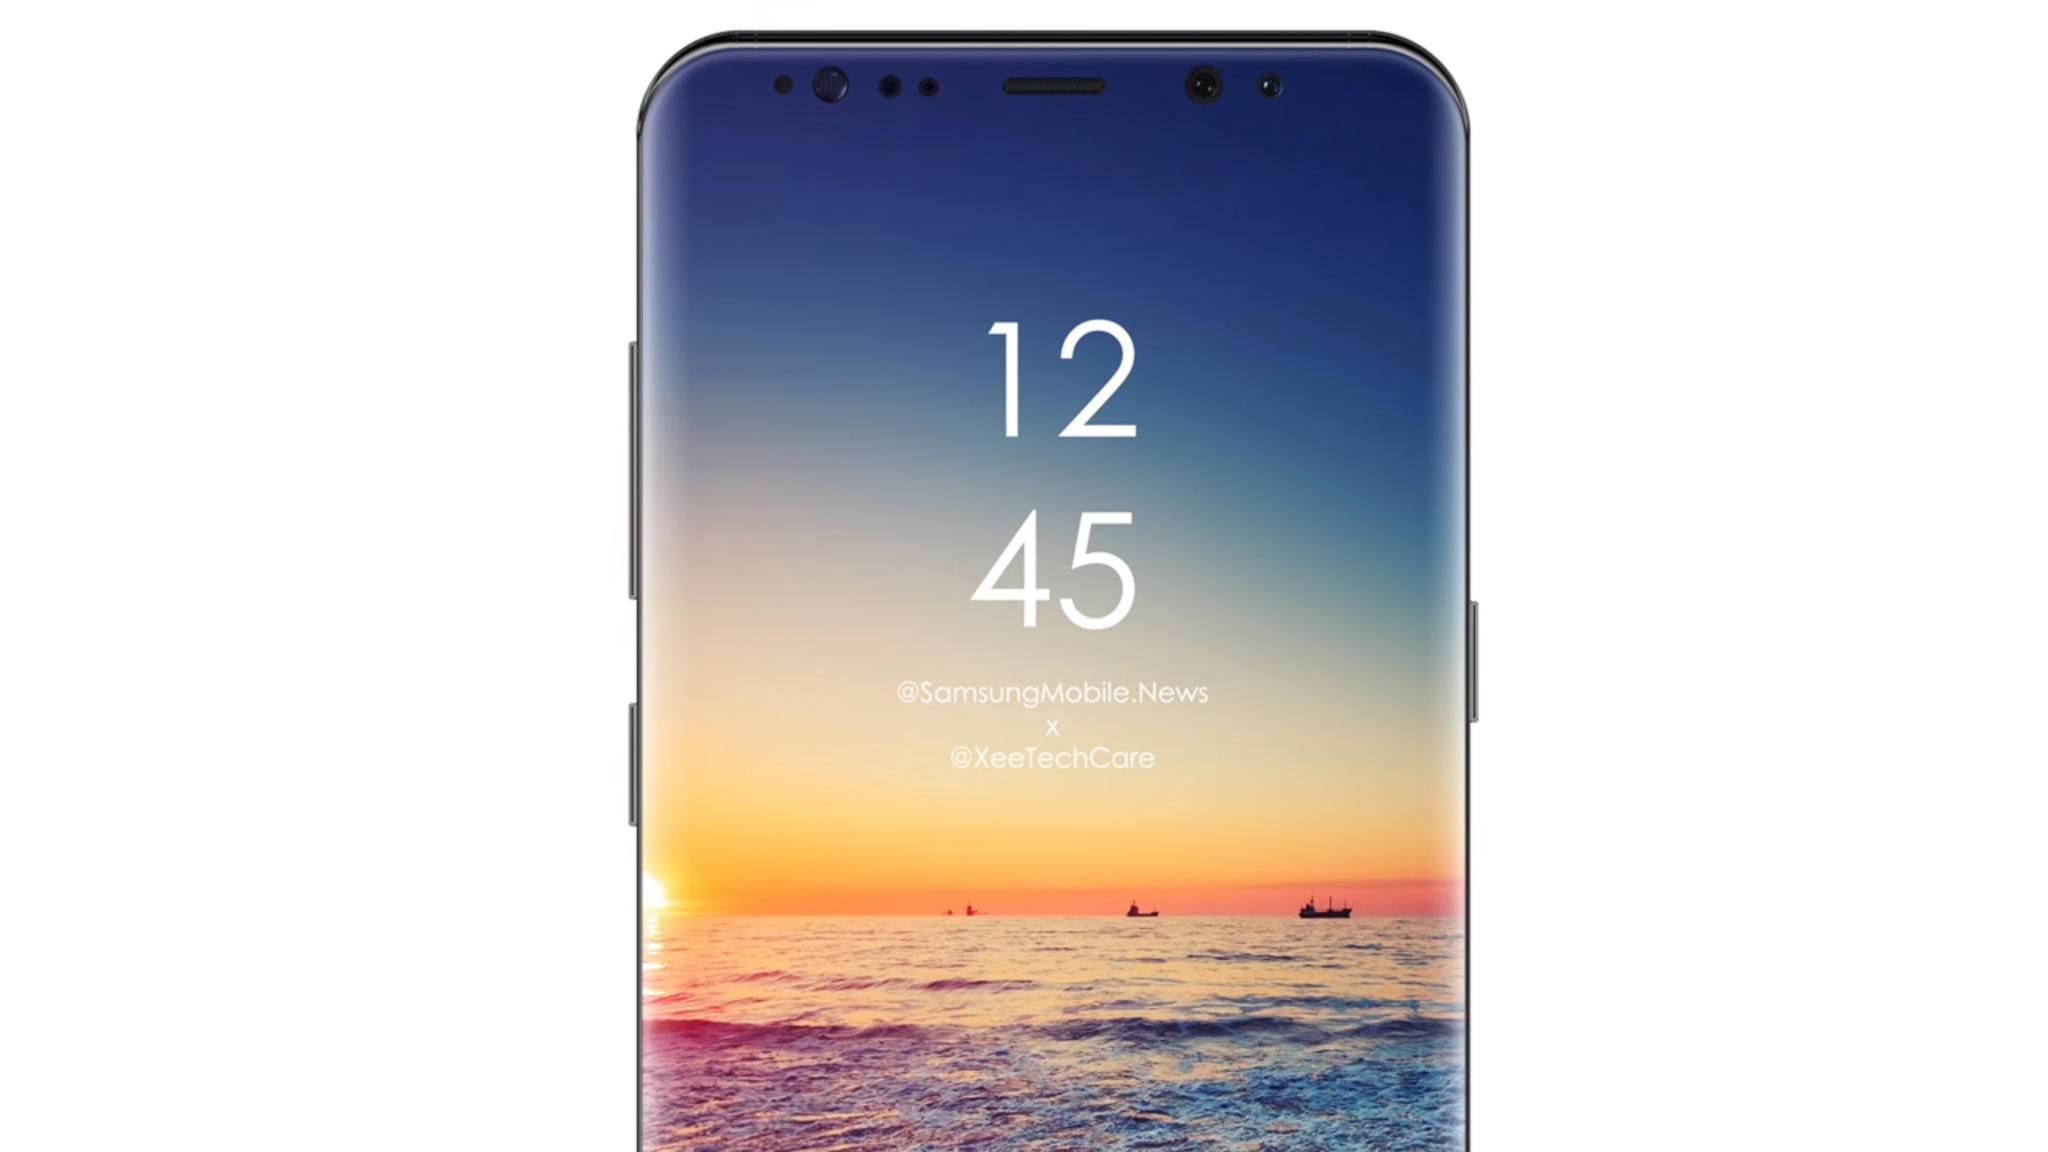 Faltbare Smartphones würden herkömmliche Geräte (hier ein Konzept des Galaxy S10) als neue Produktkategorie ergänzen.